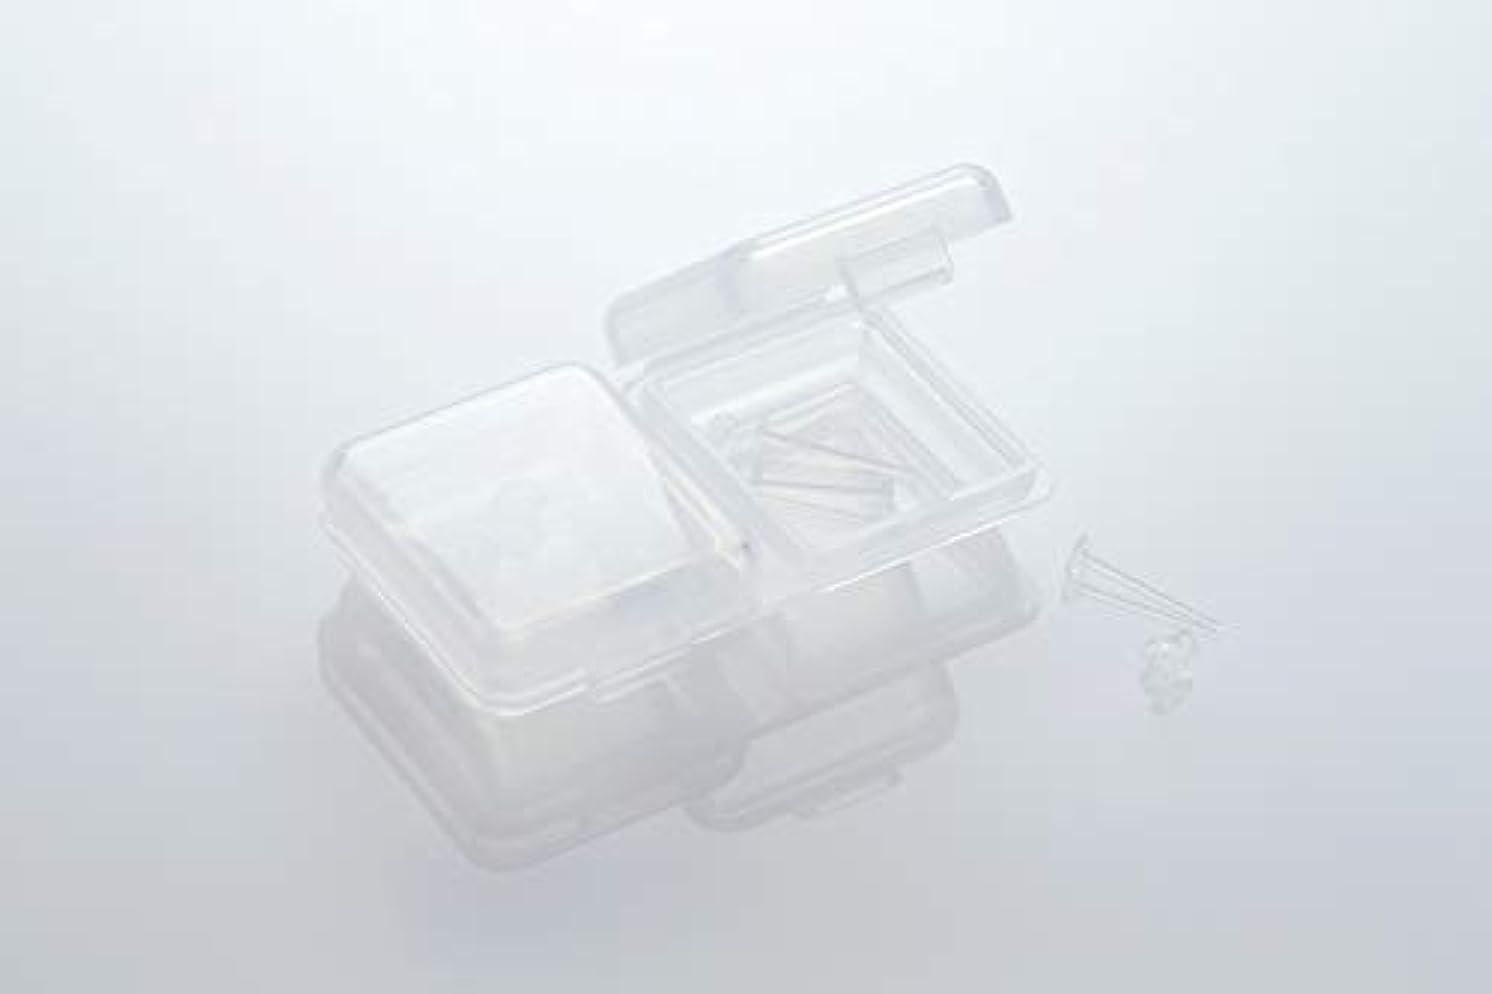 ケイ素ペースインド[ワンダーワークス] WONDERWORKS 医療用樹脂製 シークレットピアス リメイン 金属アレルギーフリー 2ペア W20006